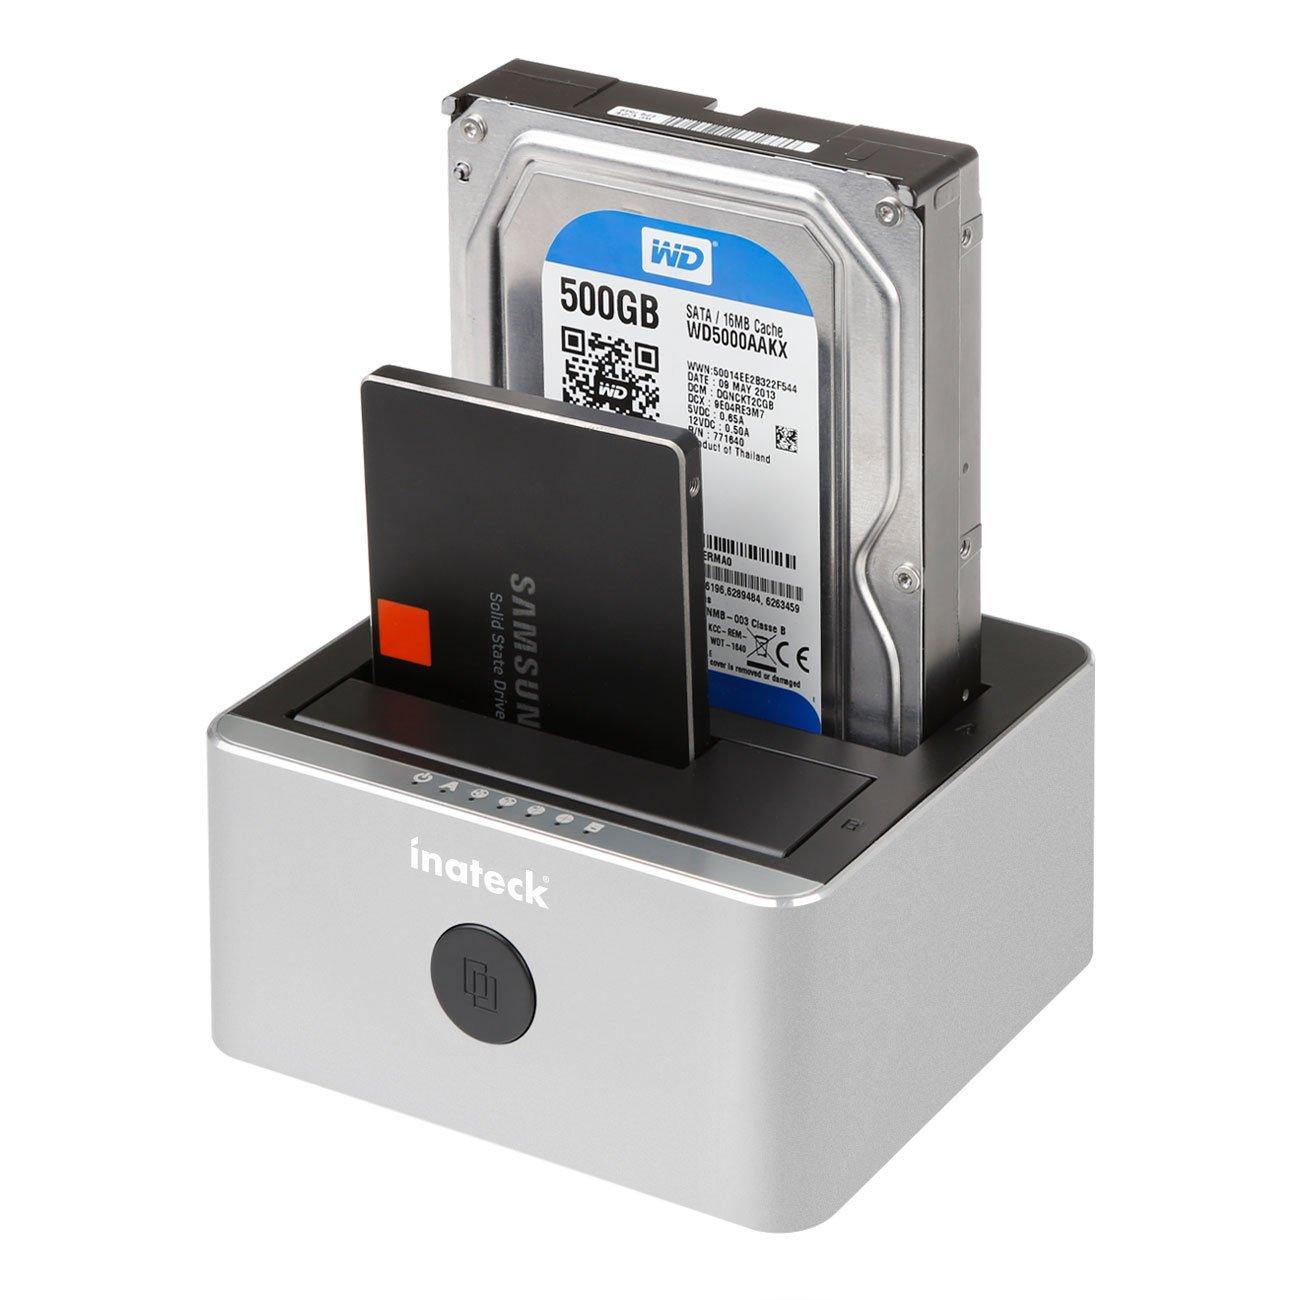 Soporta 2X 6TB /& UASP Inateck Aluminio USB 3.0 a SATA 2-Bay USB 3.0 Docking Station Bases de conexi/ón Clon Offline para Discos Duros de 2,5 y 3,5 HDD SSD SATA I//II//III sin Herramientas